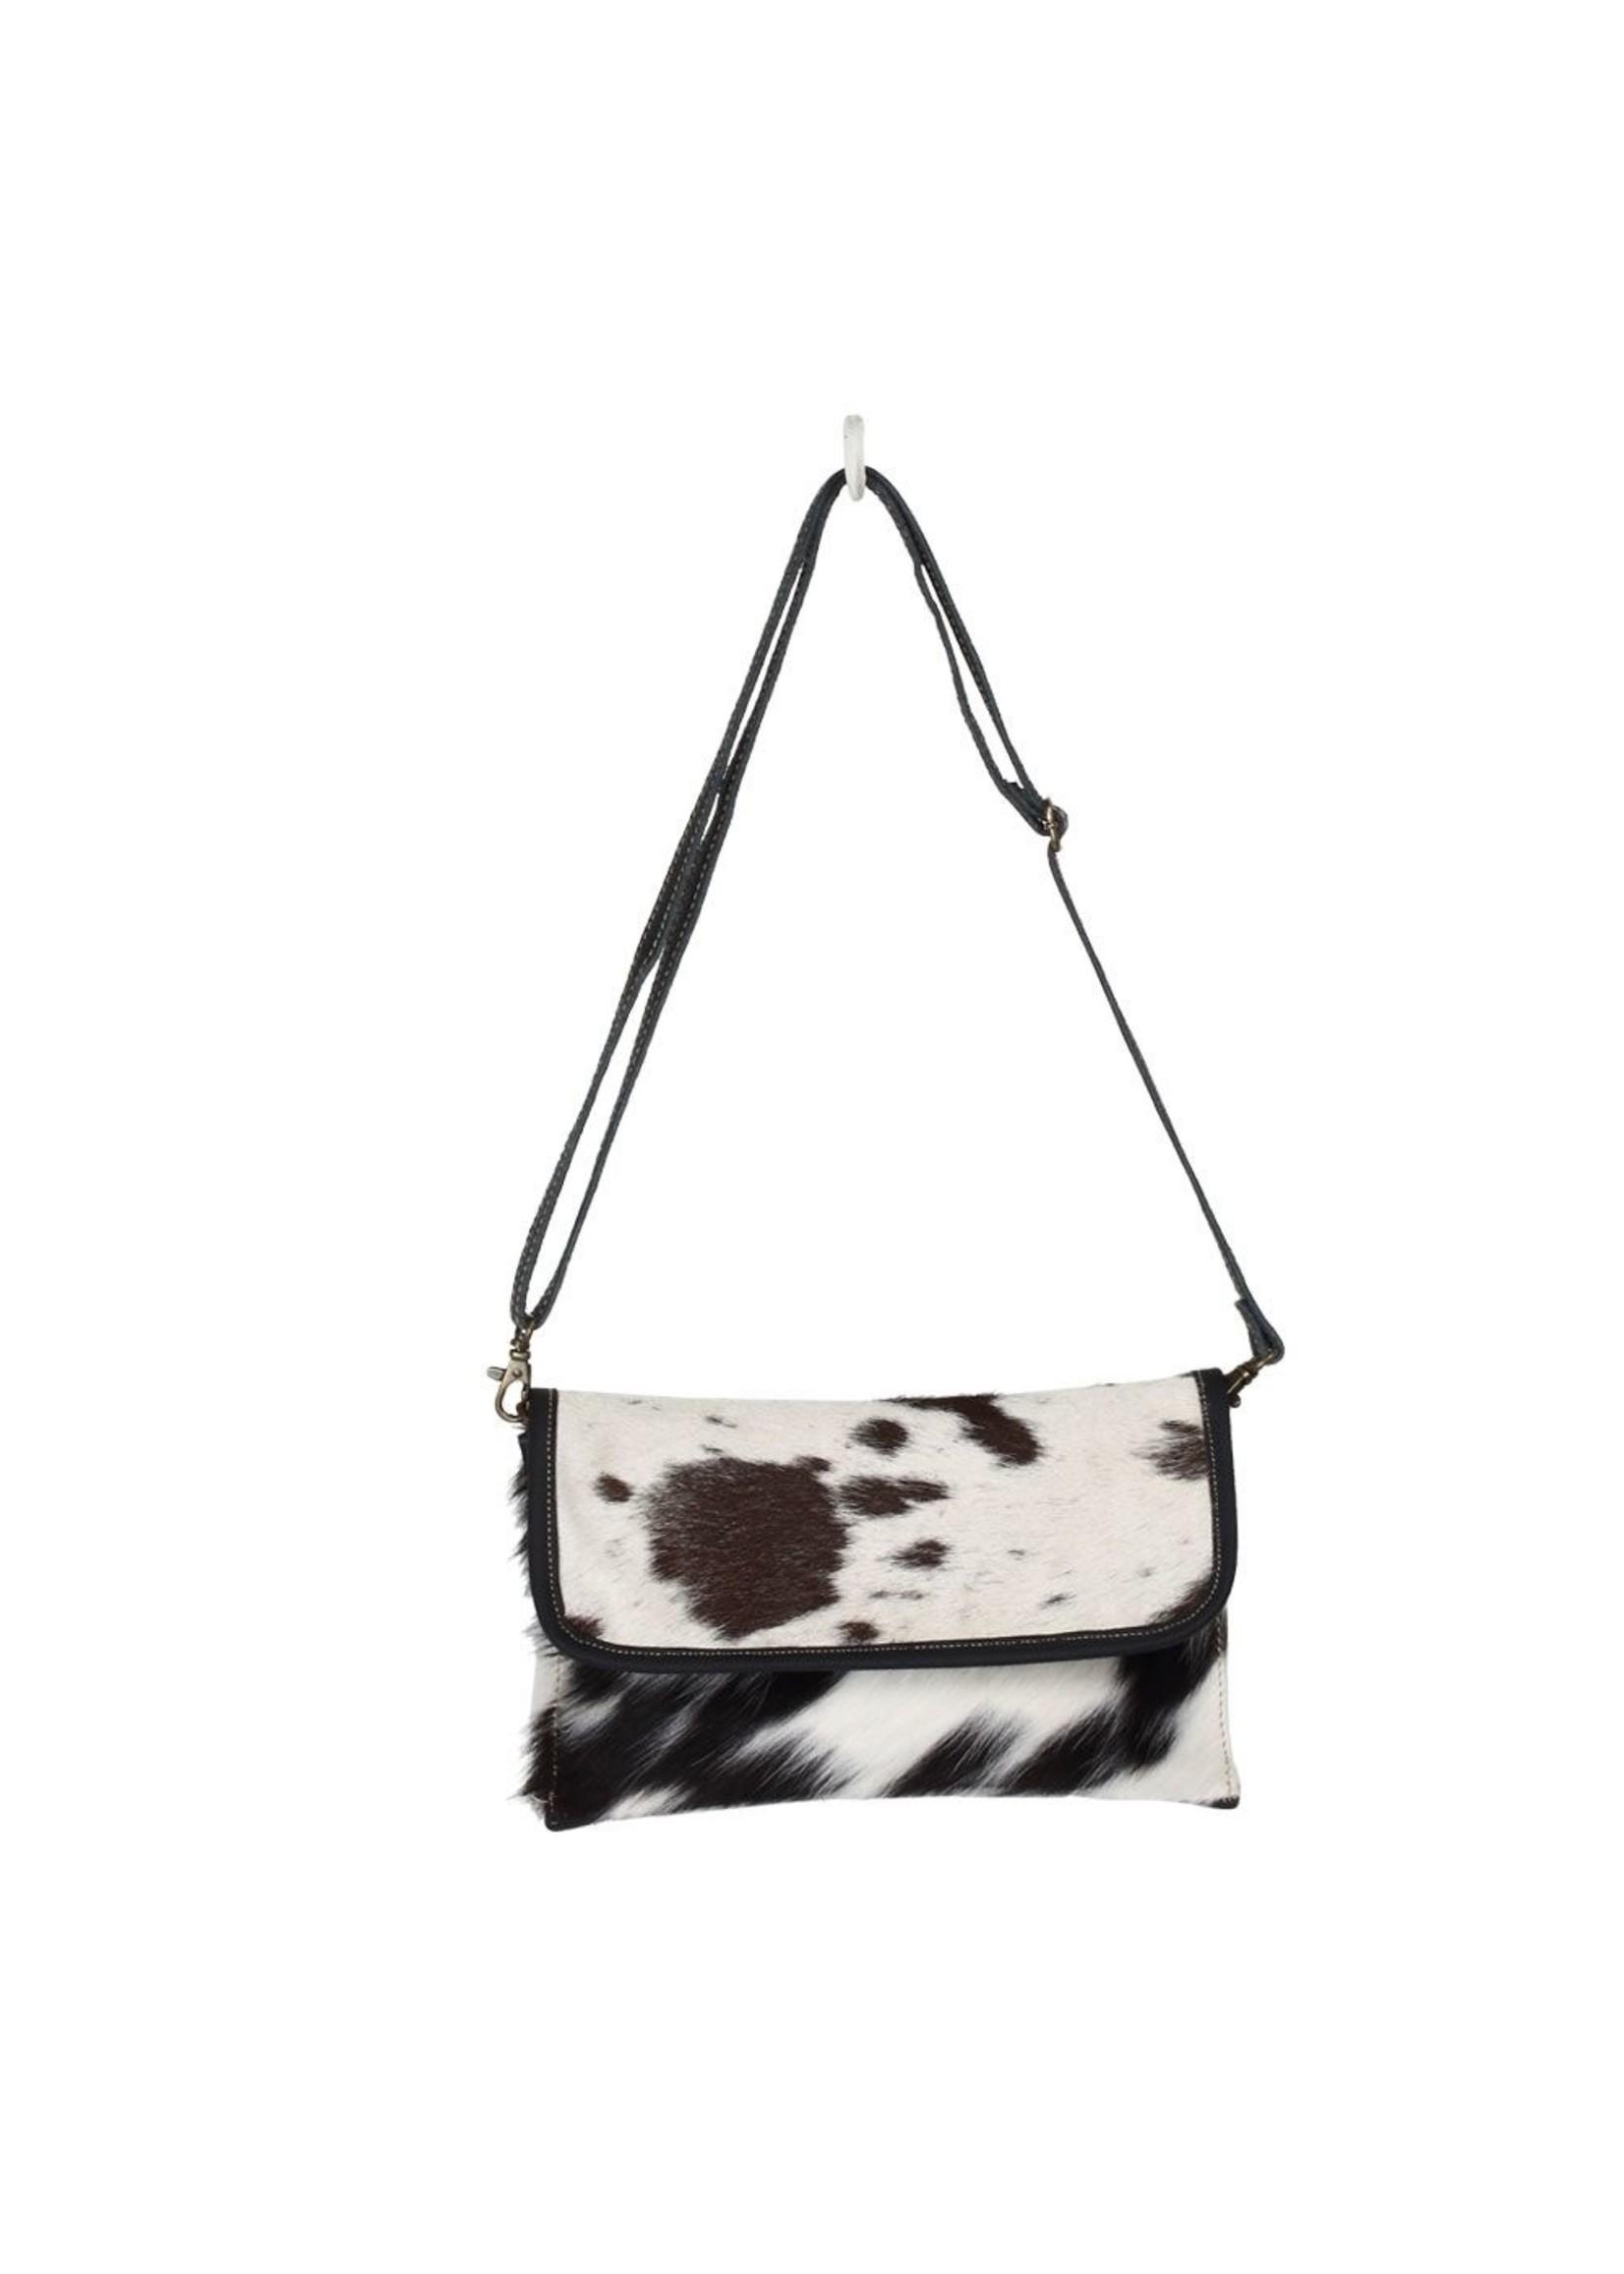 myra bags Ebon Crossbody Bag